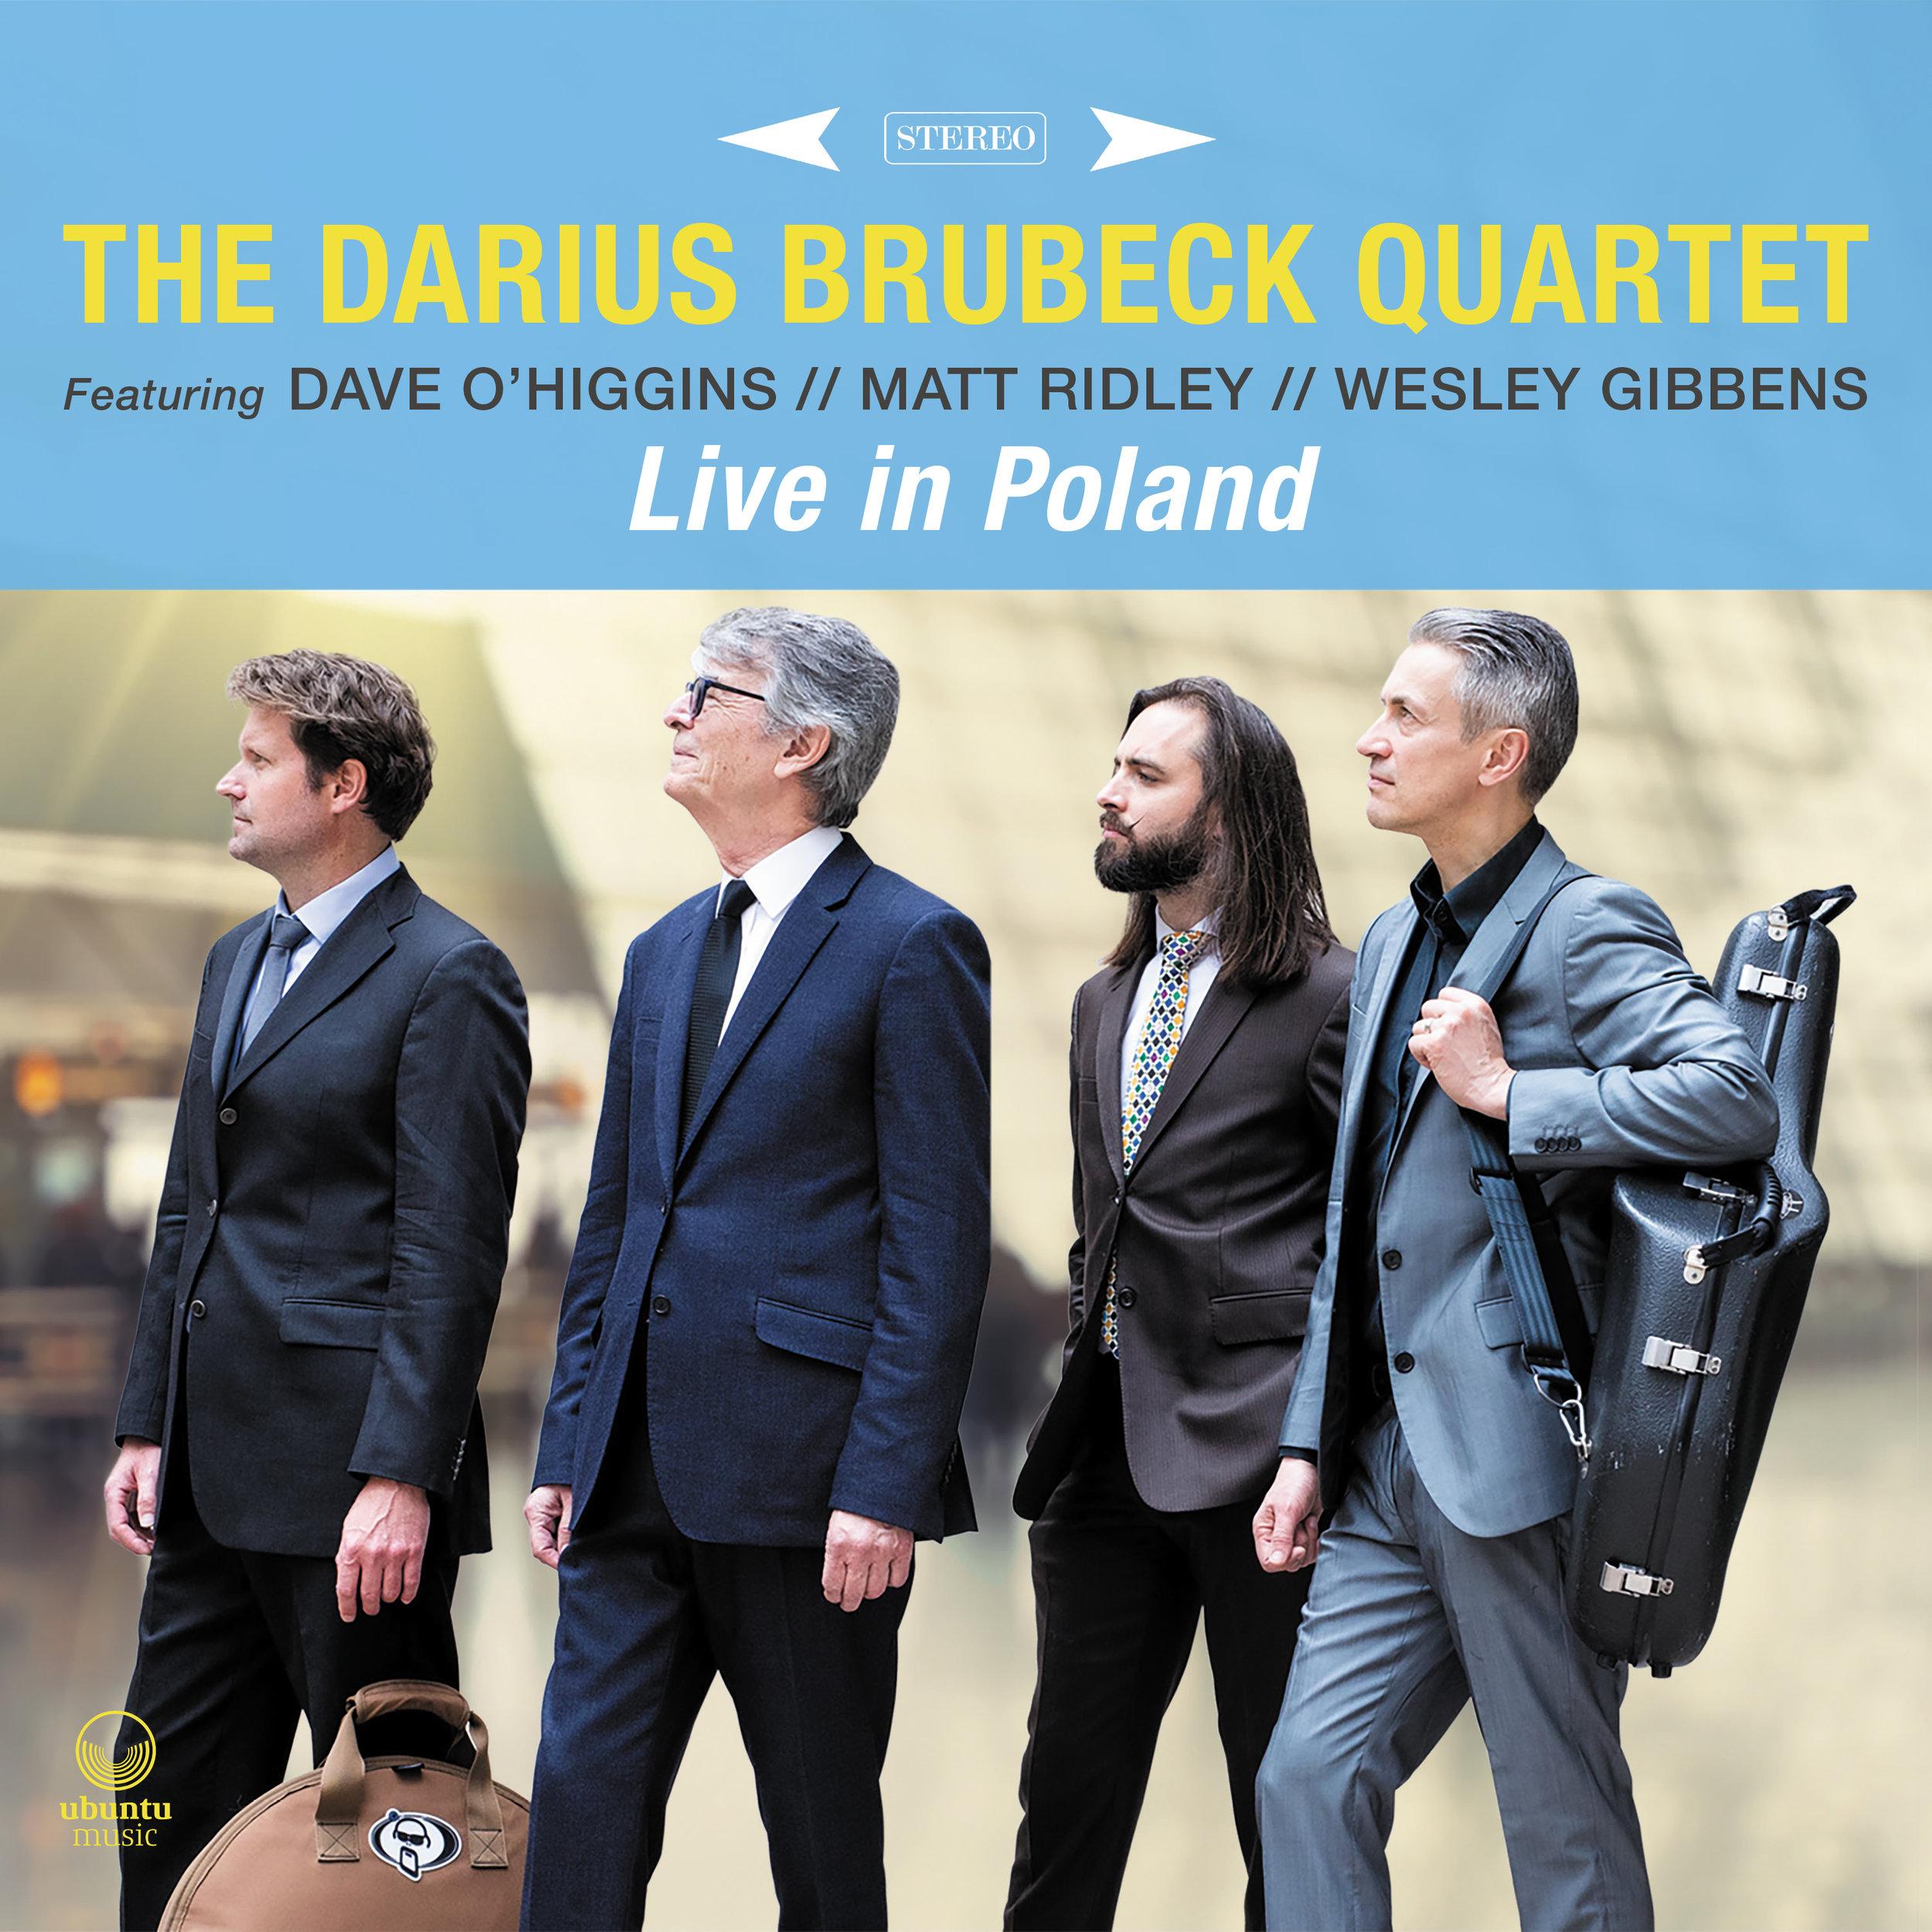 The Darius Brubeck Quartet / Live in Poland